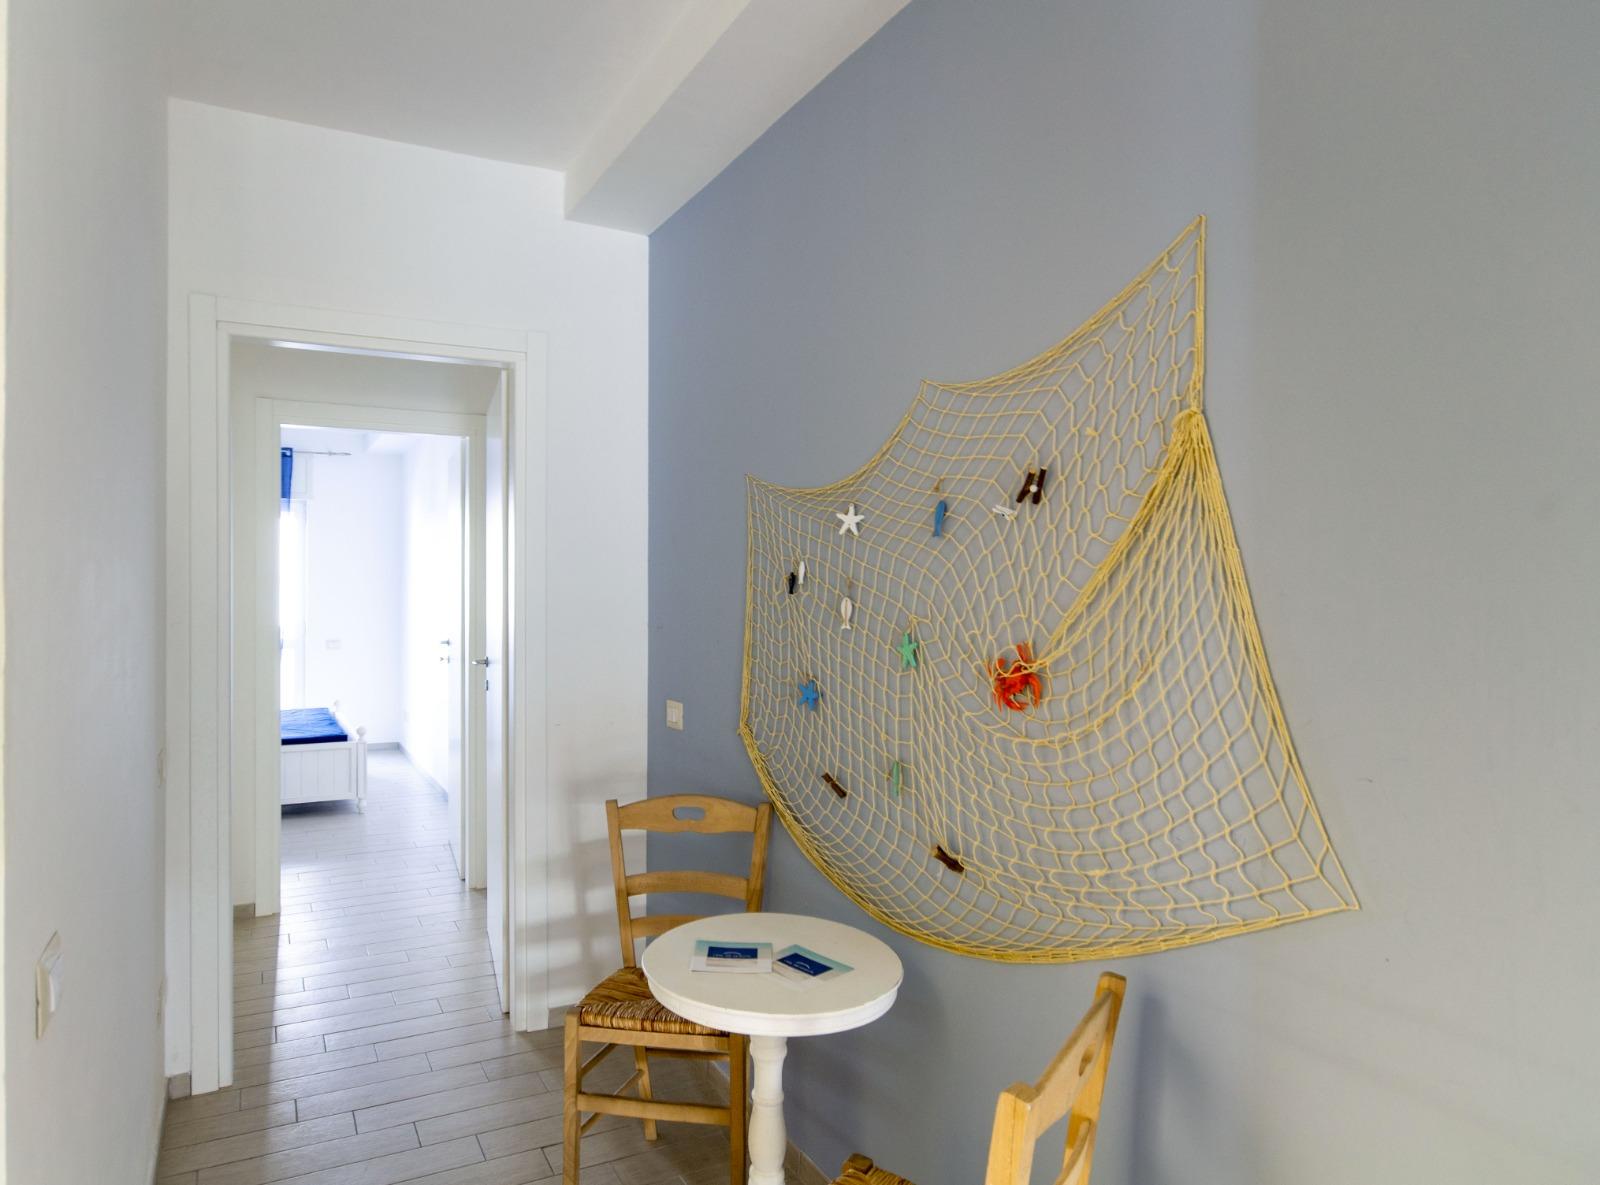 505_appartamento-volta_9._corridoio.jpg